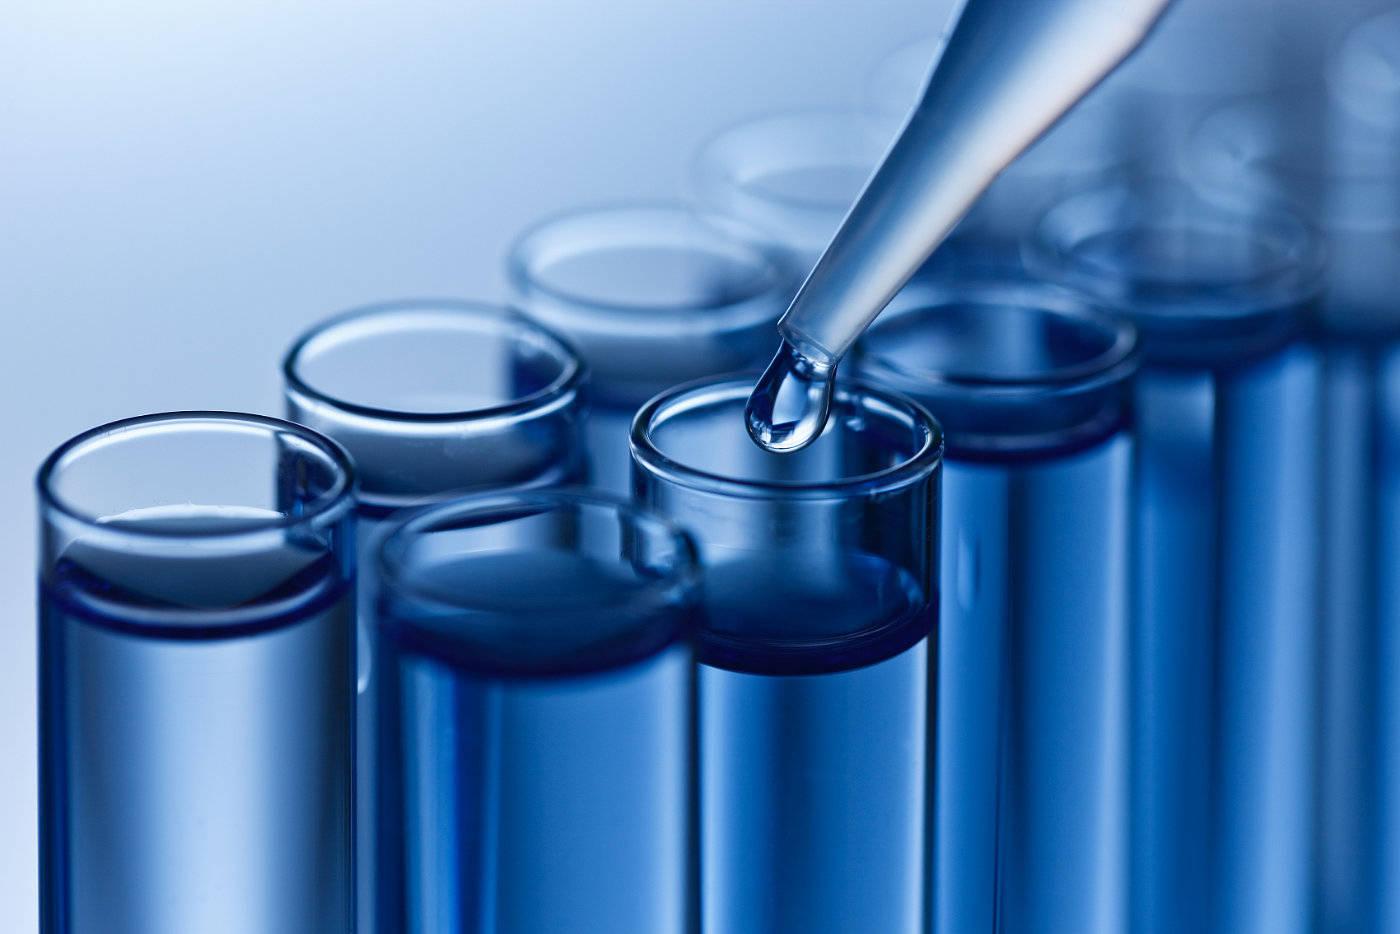 兴趣与乐观?学术与科研?理工科留学生需要具备怎样的基本素质?